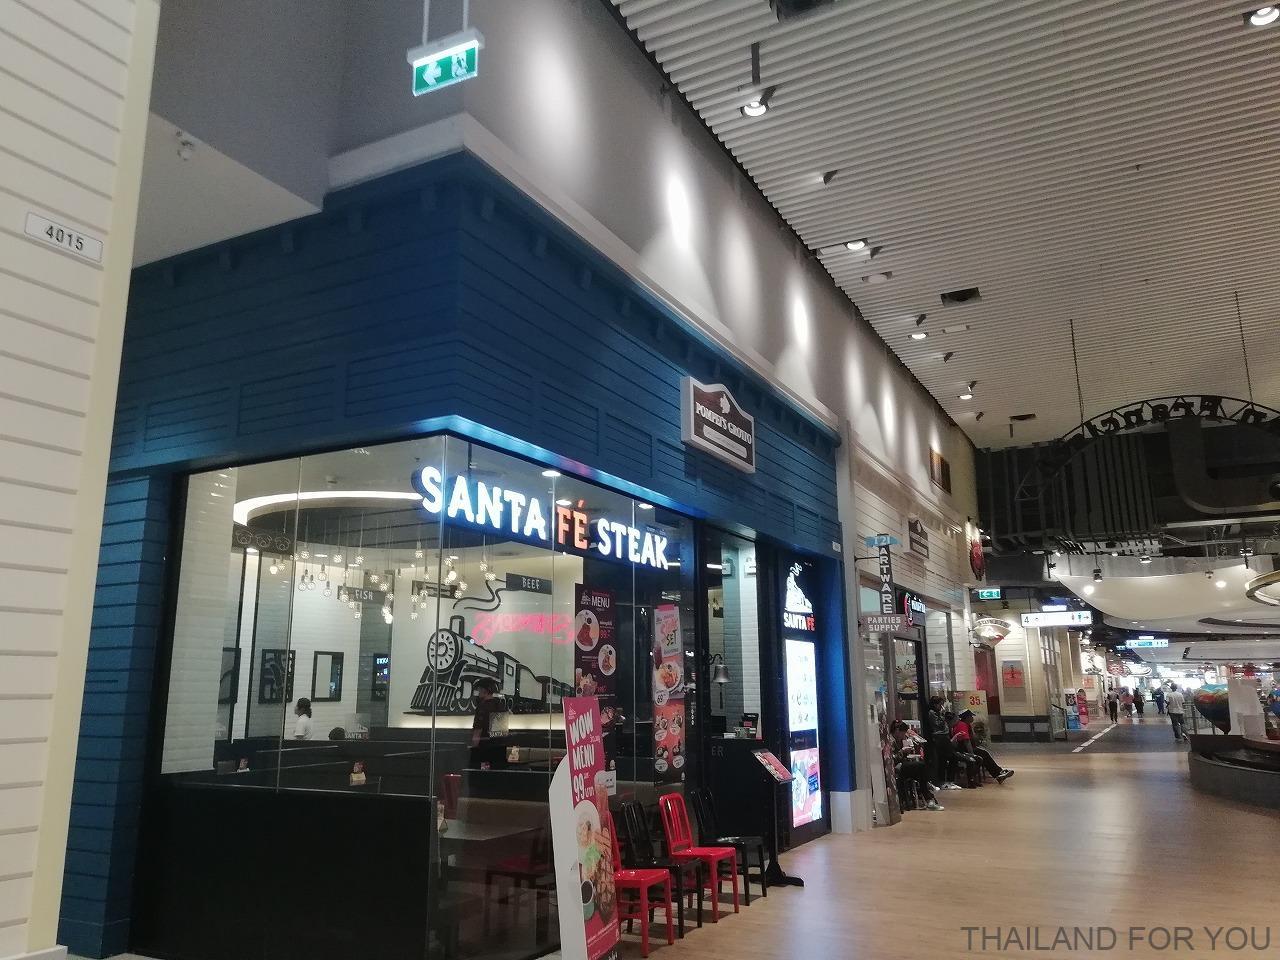 ターミナル21 コラート サンタフェステーキ 写真 画像